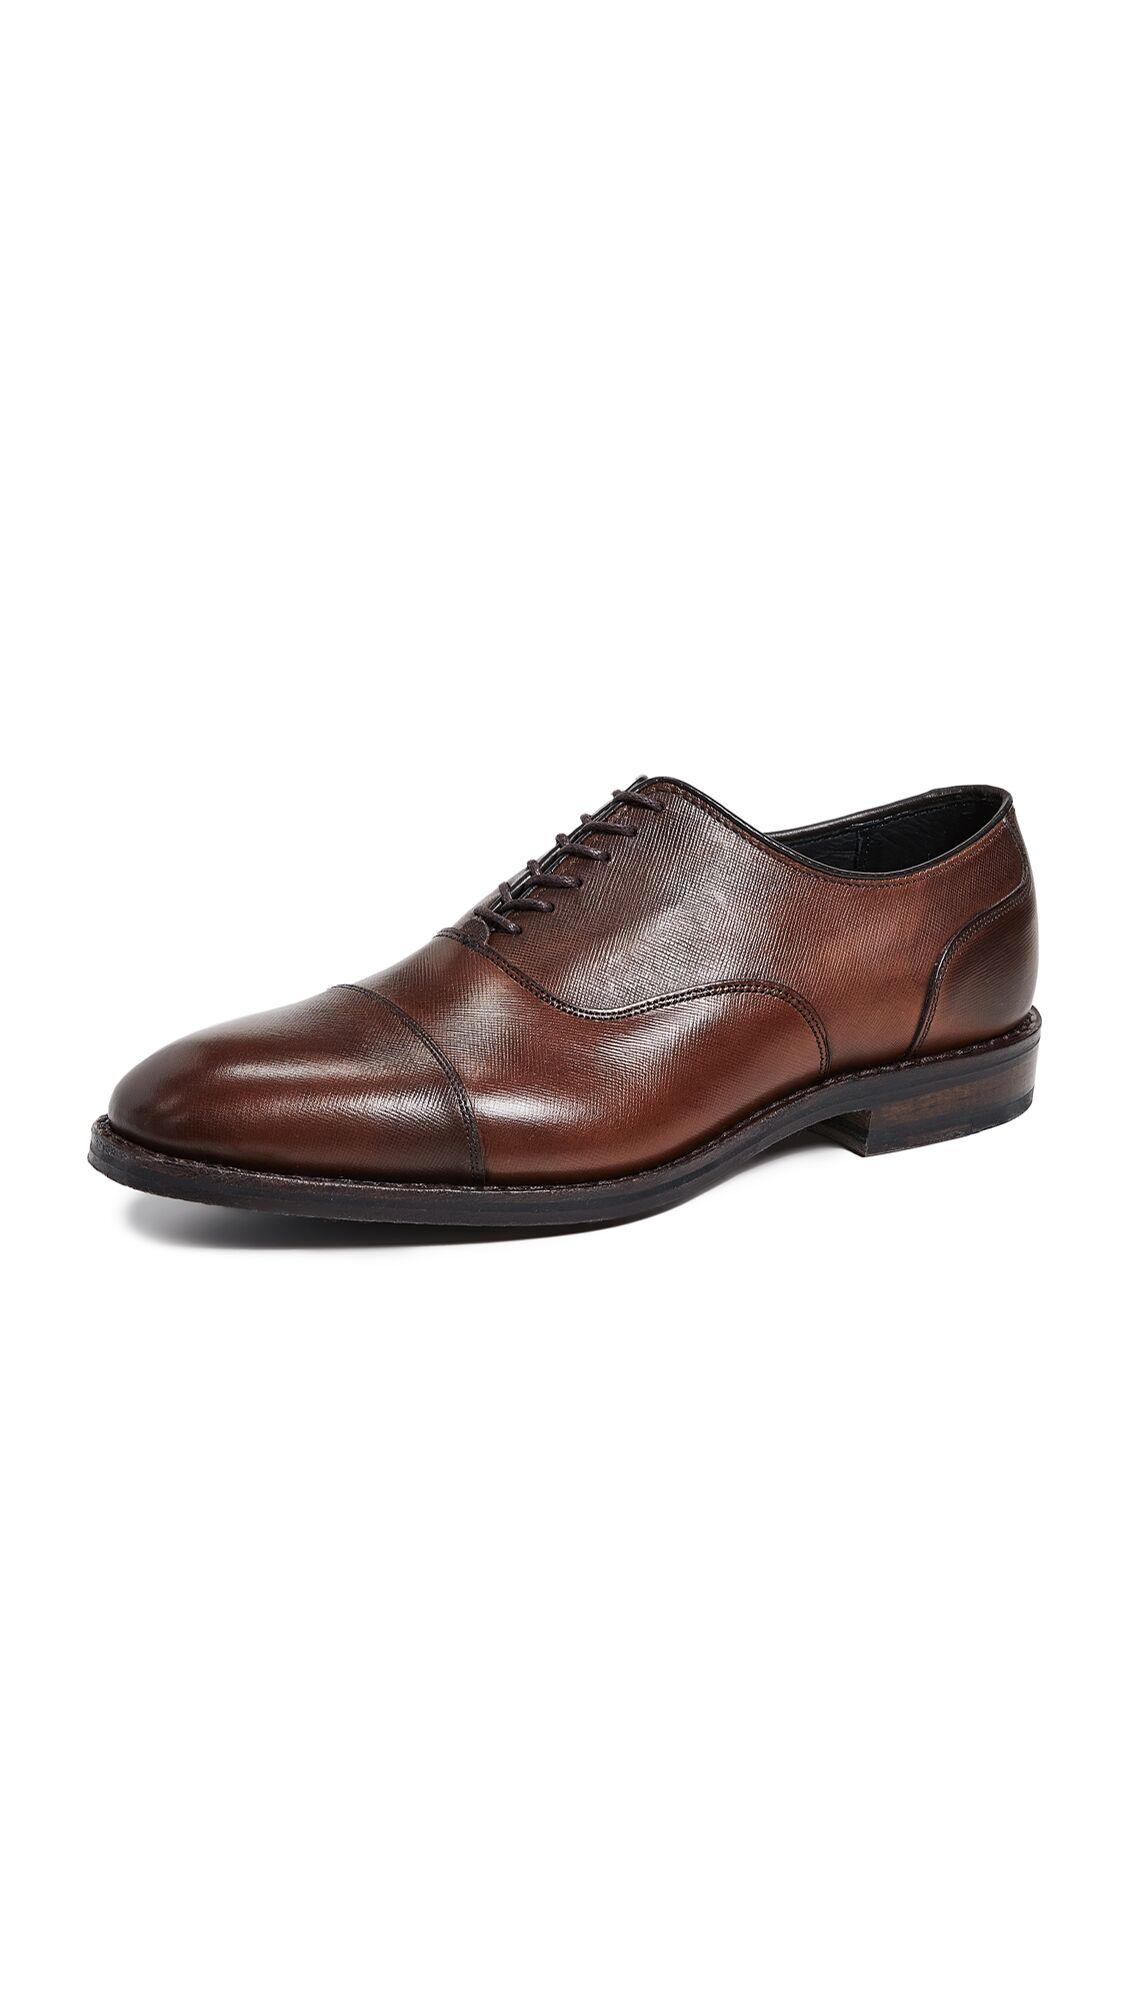 Allen Edmonds Bond Street Cap Toe Shoes - Brown - Size: 9